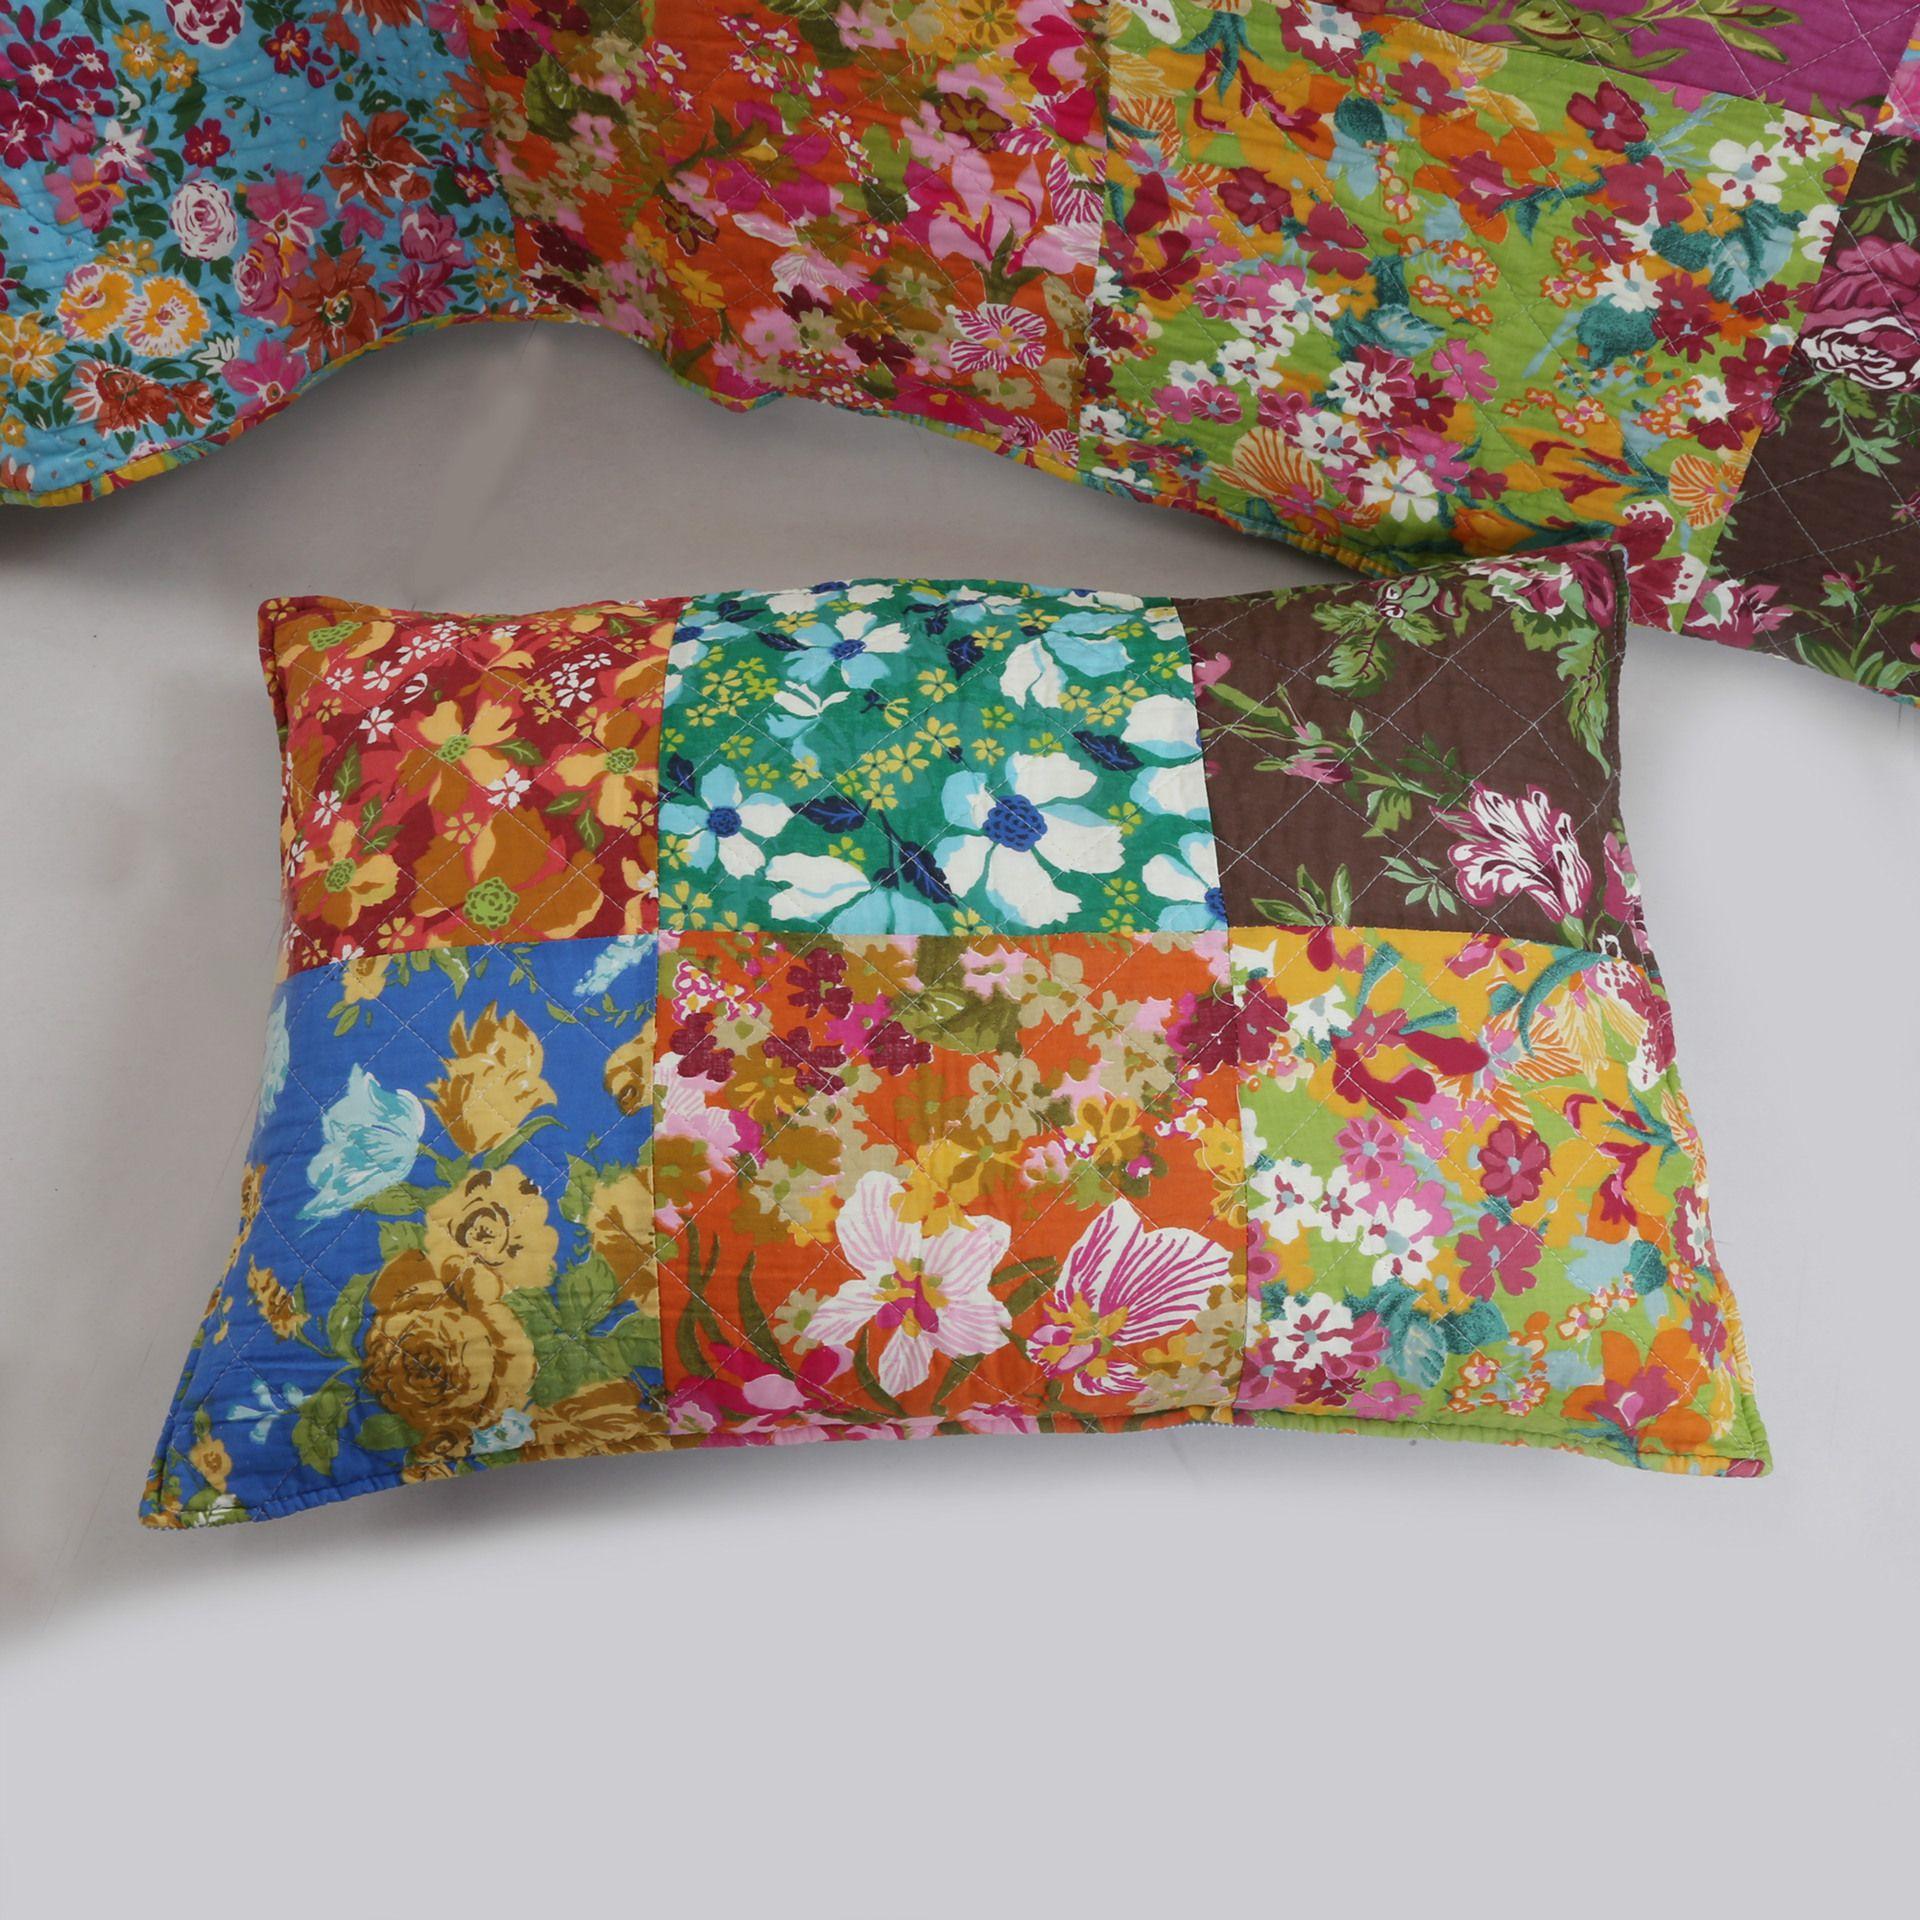 100% Cotone Colore Fiore Completo Queen Patchwork Handmade Trapunta Federa Copriletto Bedding Set Forniture JF005